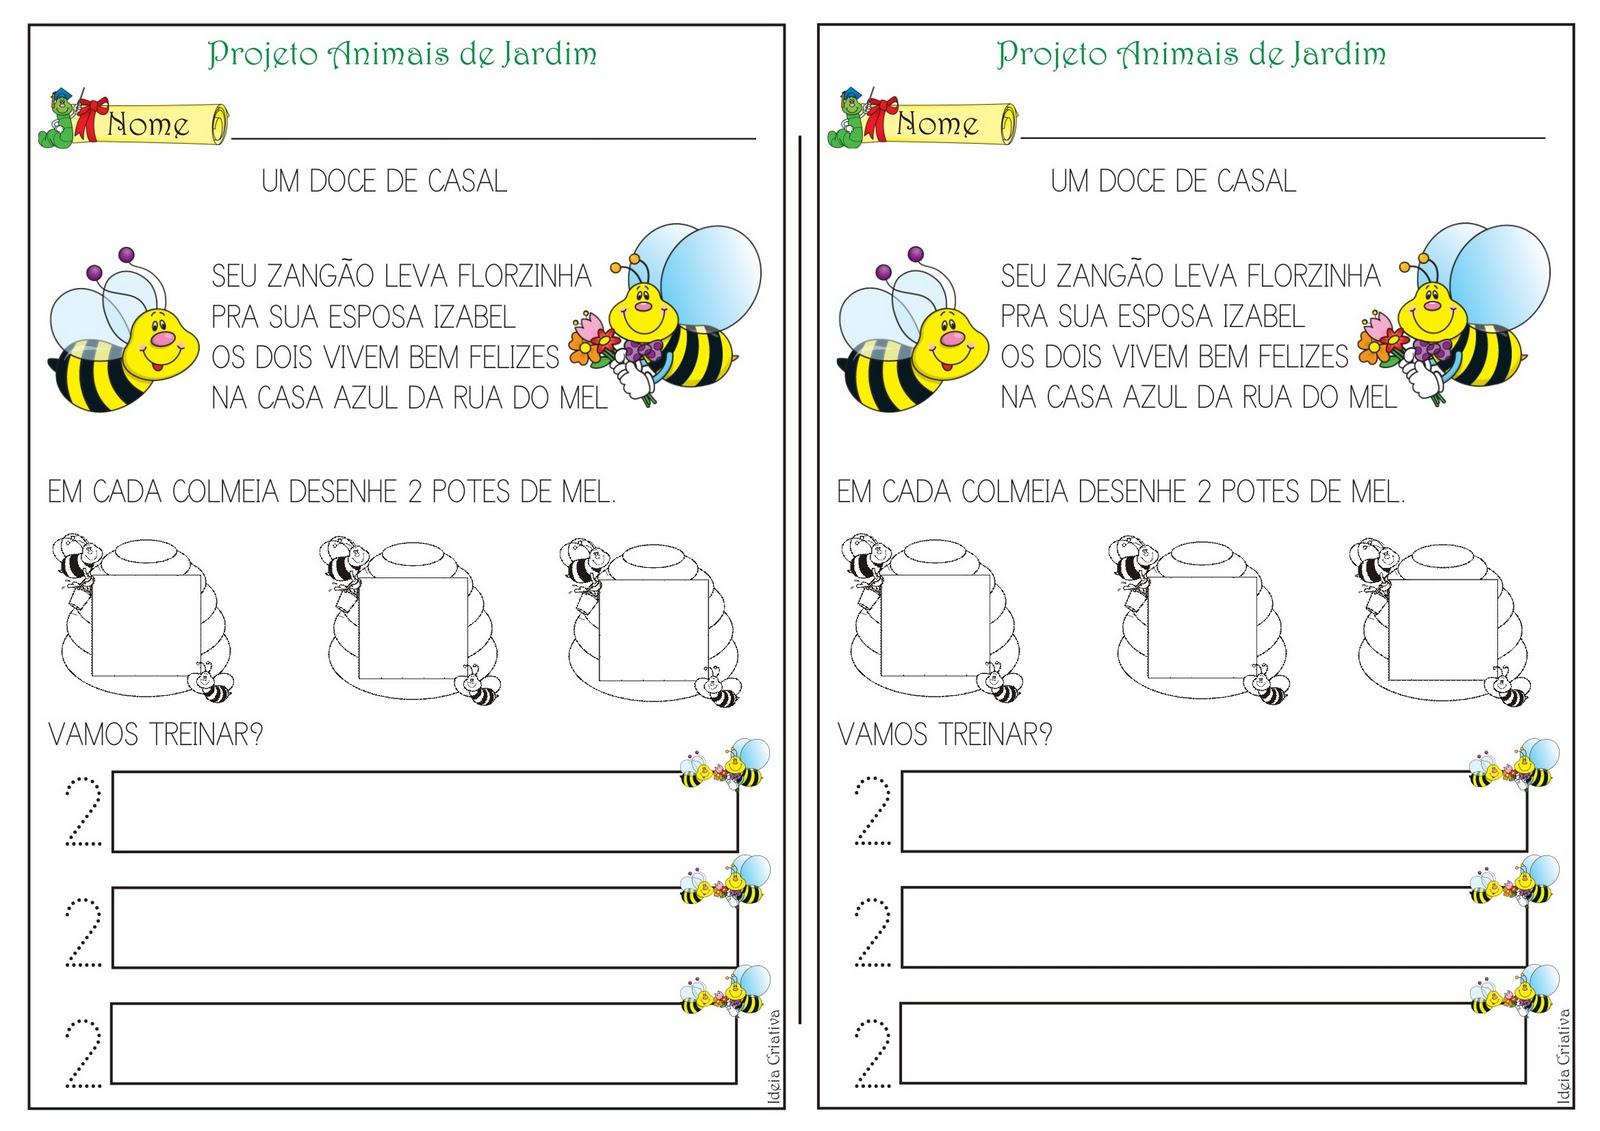 O coletivo de abelhas